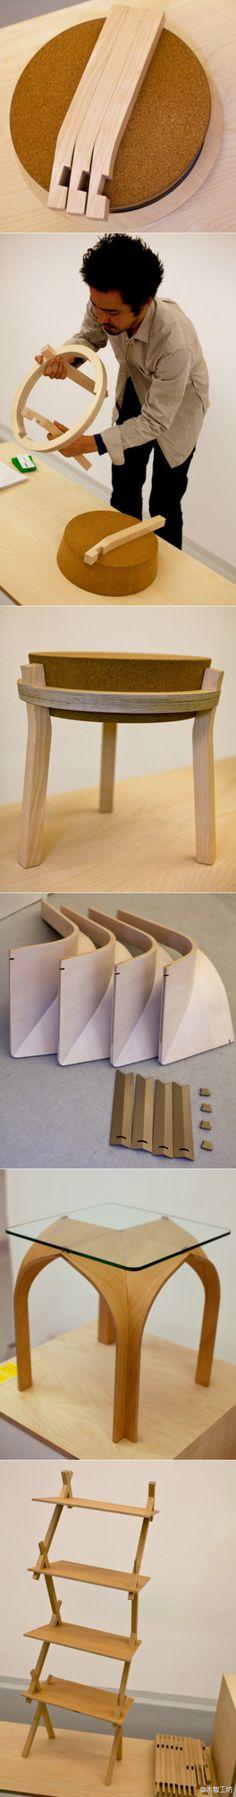 以平板包装为主题的家具作品